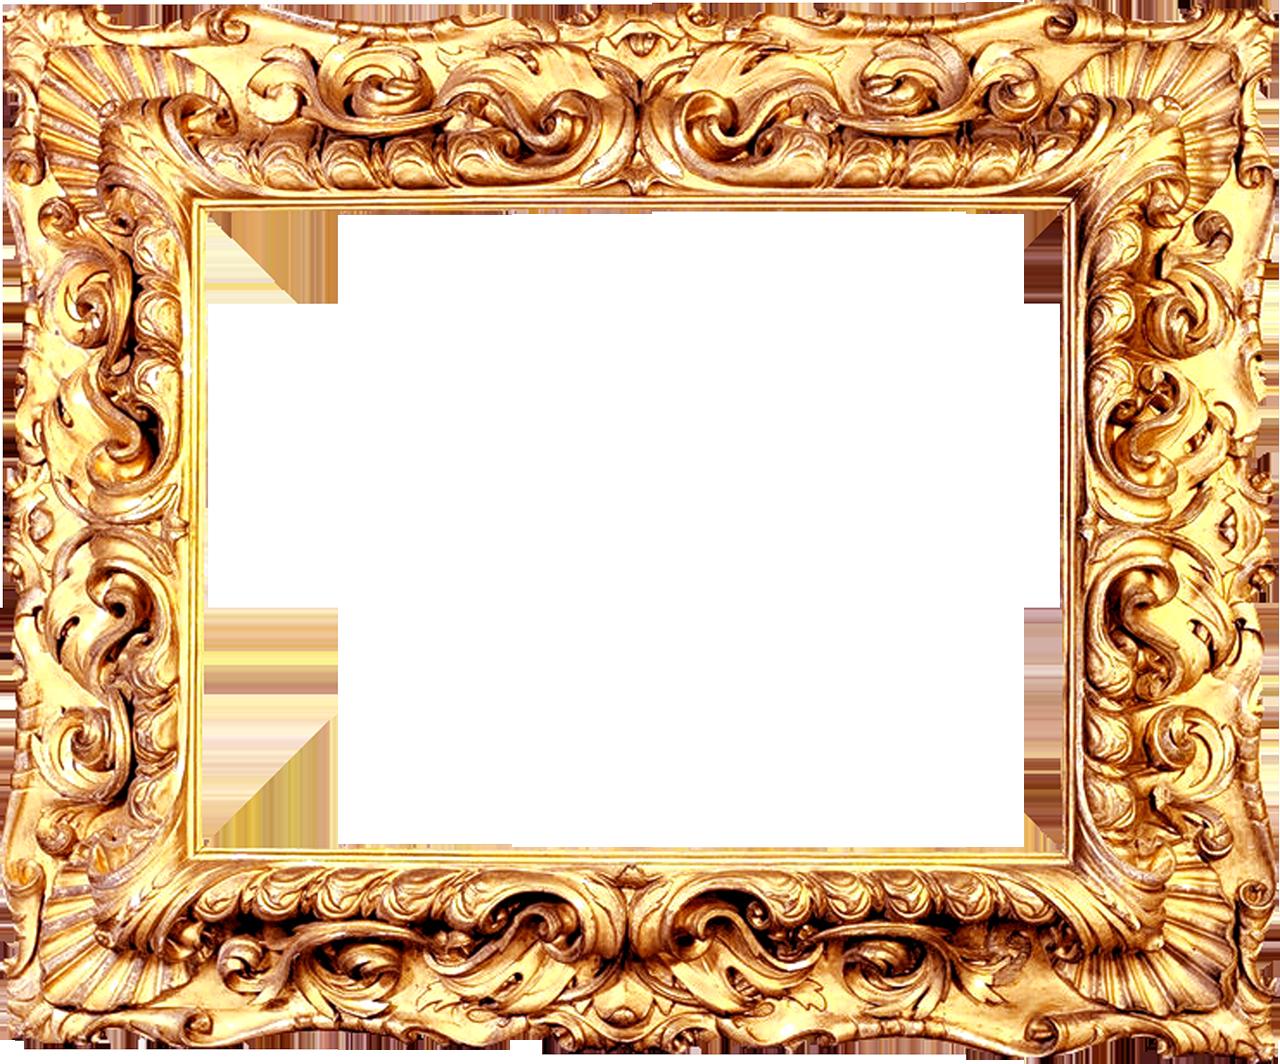 Рамку для картинки, марта изготовление